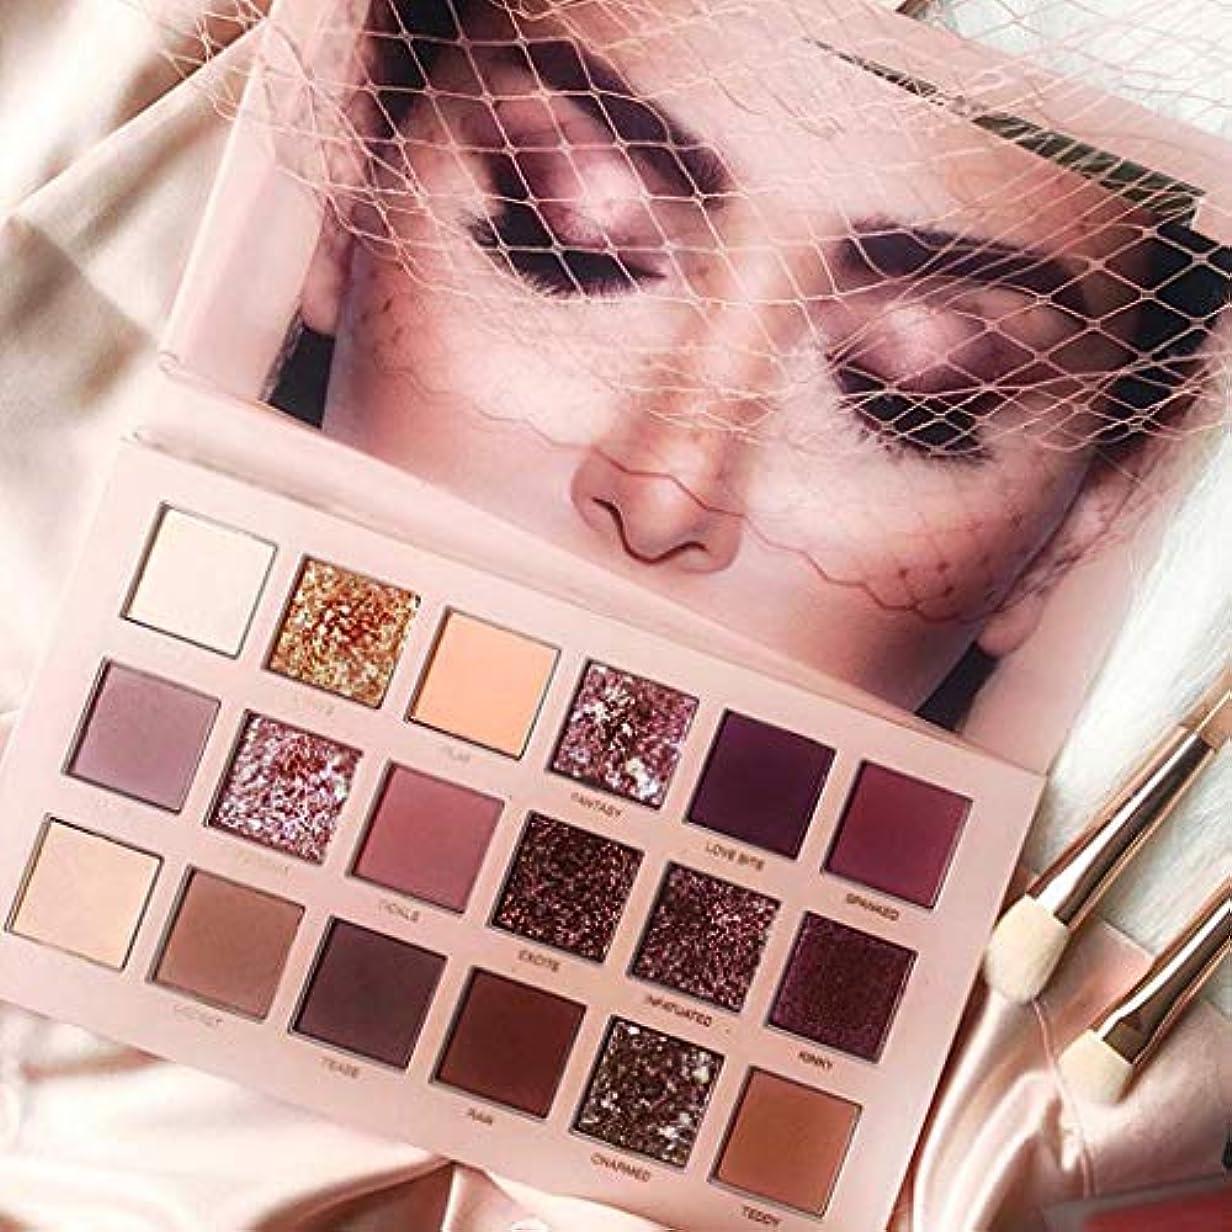 インペリアル落ち着く一回Akane アイシャドウパレット 砂漠バラ ファッション 人気 超魅力的 綺麗 真珠光沢 マット 長持ち チャーム INS おしゃれ 持ち便利 Eye Shadow (18色) 4083